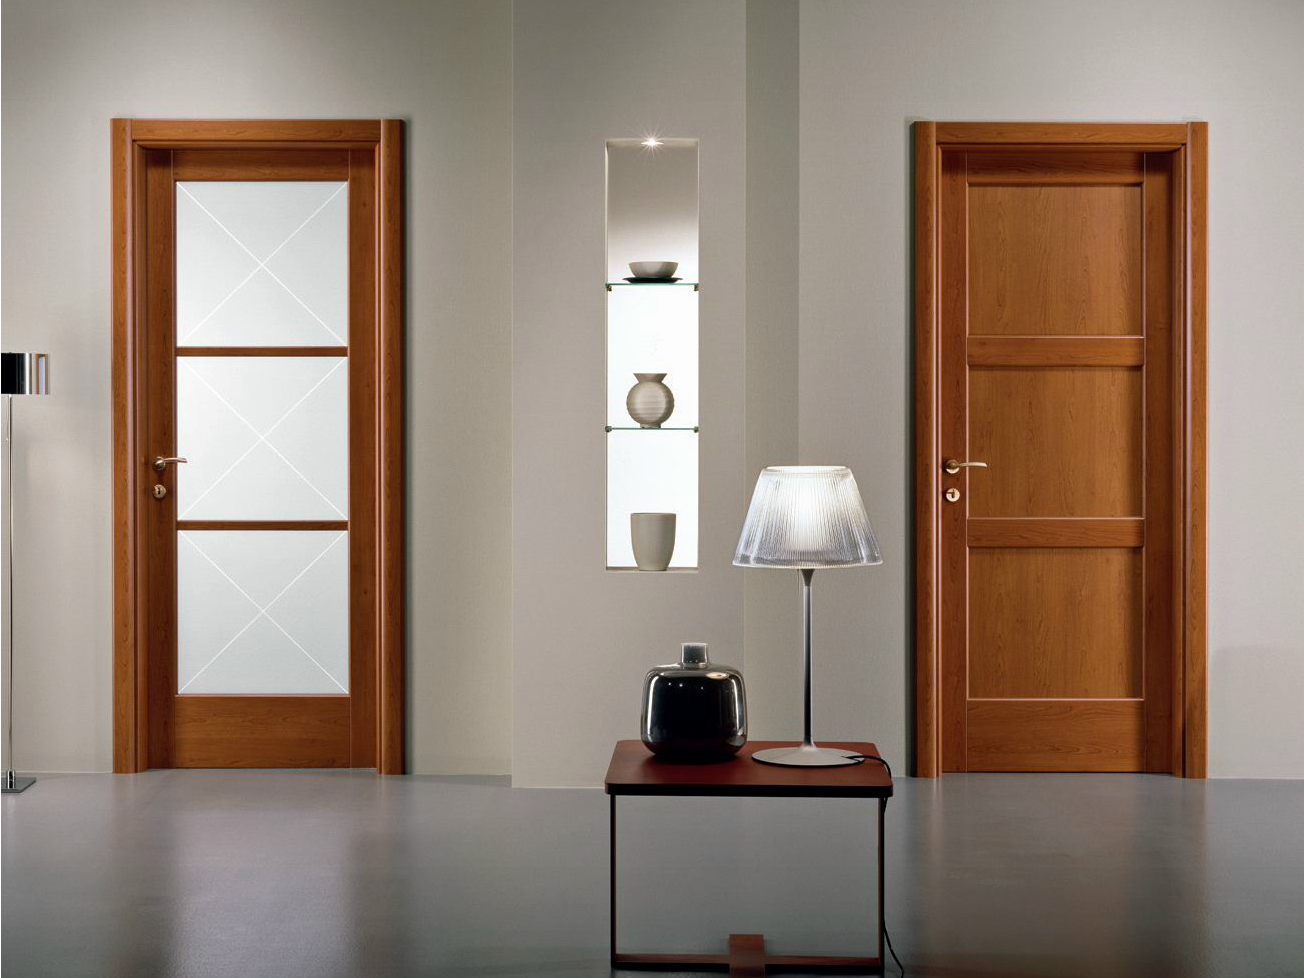 Puertas Interiores De Madera Con Vidrio Of Xosia Puerta De Vidrio Esmerilado By Gidea